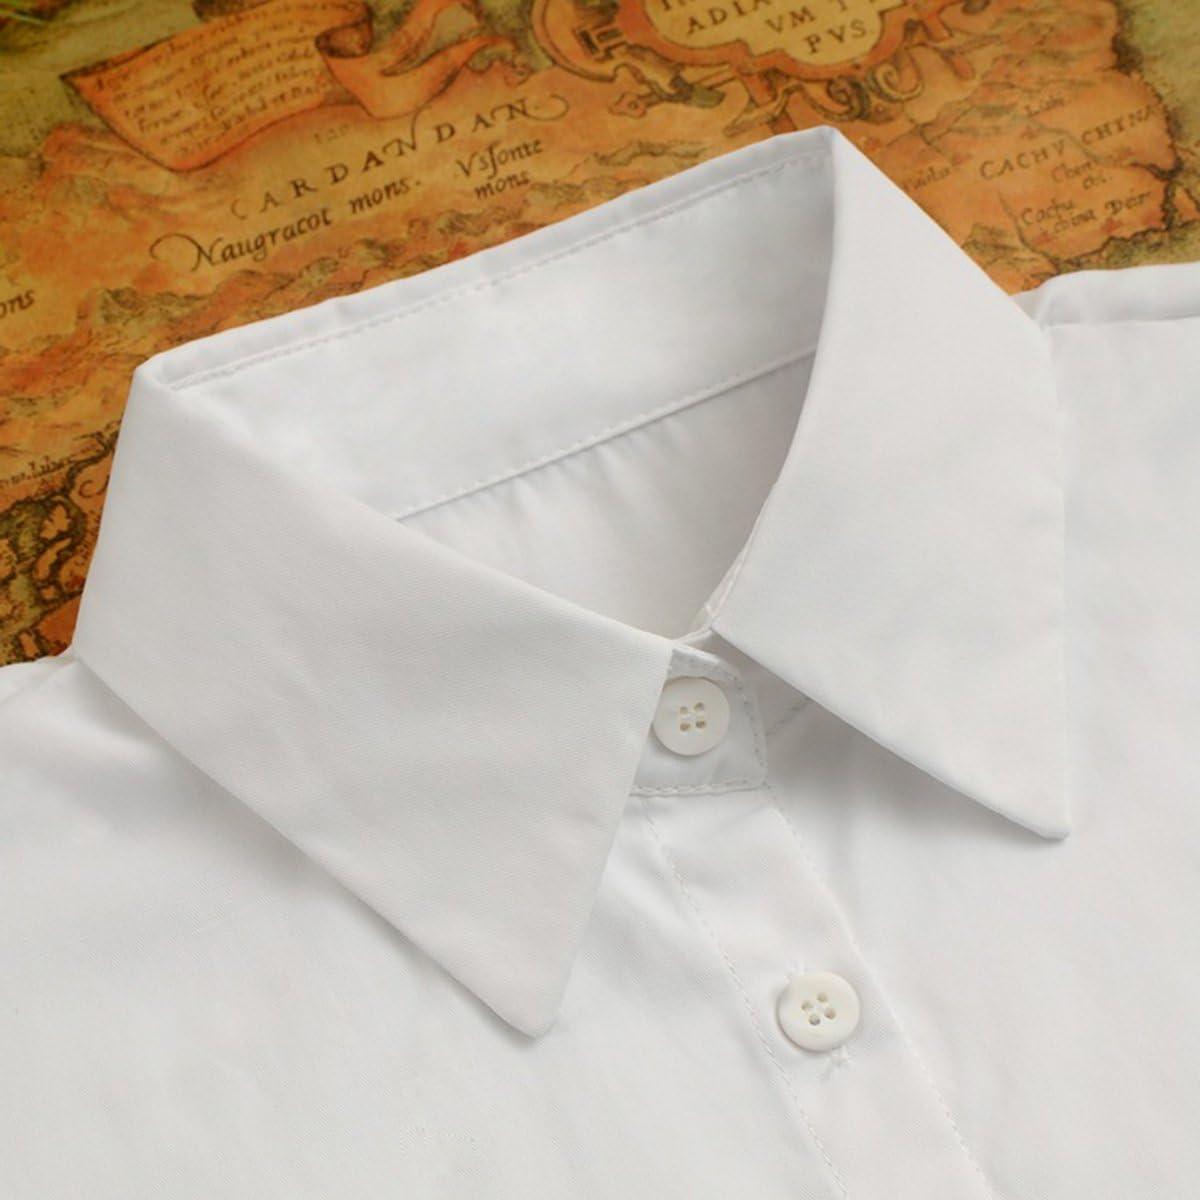 Tinksky Cuello Falso Desmontable Mitad Camisa Blusa para Mujeres (Blanco): Amazon.es: Deportes y aire libre